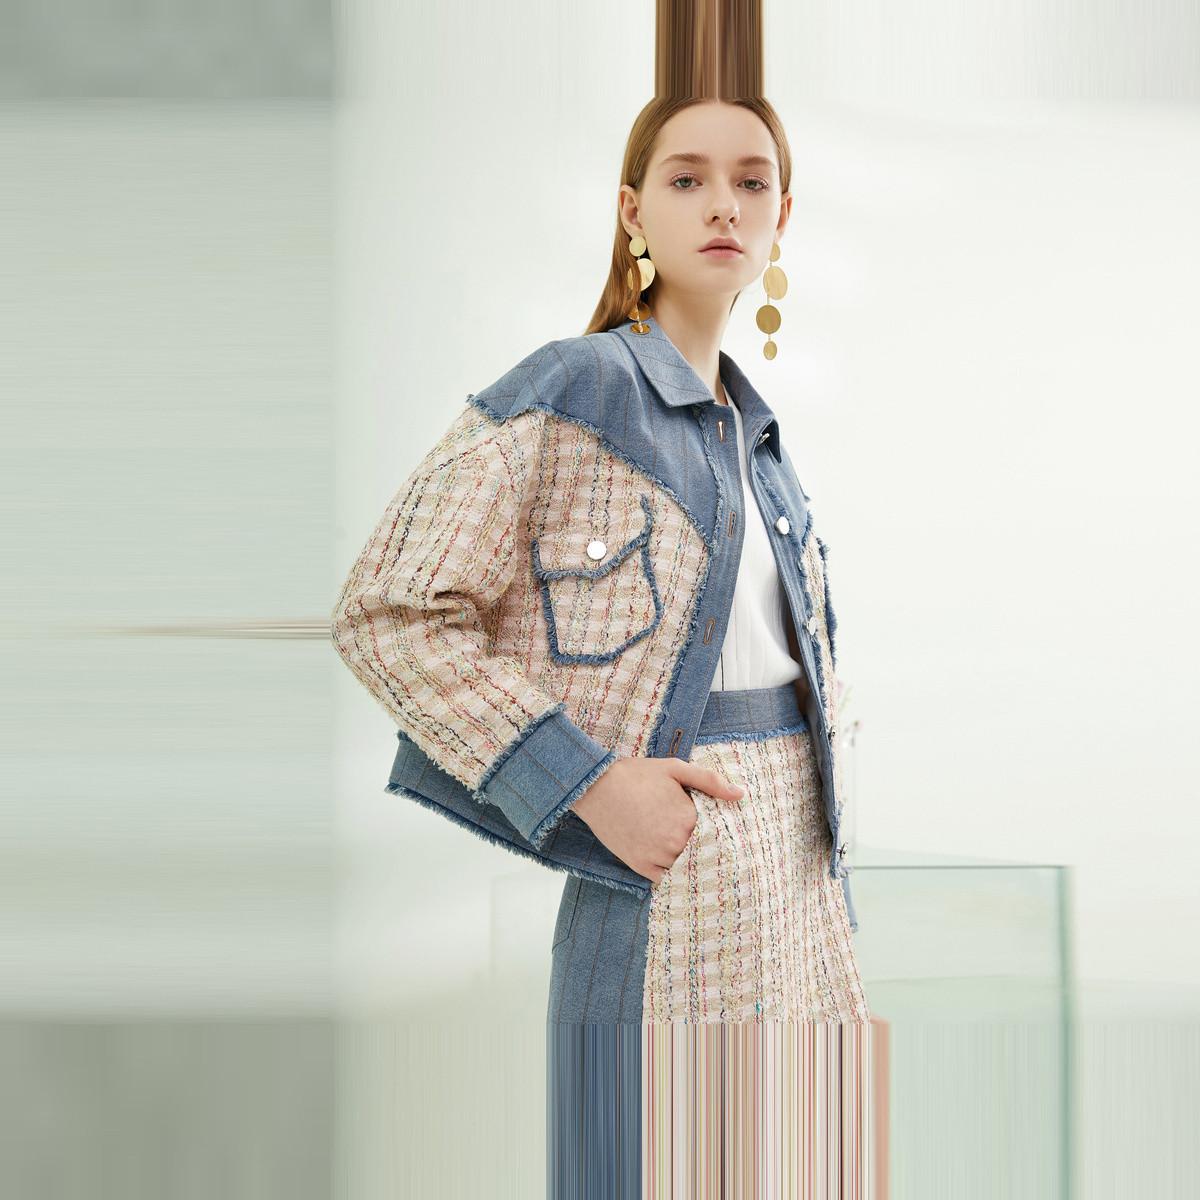 卡迪黛尔卡迪黛尔复古港味名媛短外套女简约修身洋气薄款上衣2020春季CC00055C1